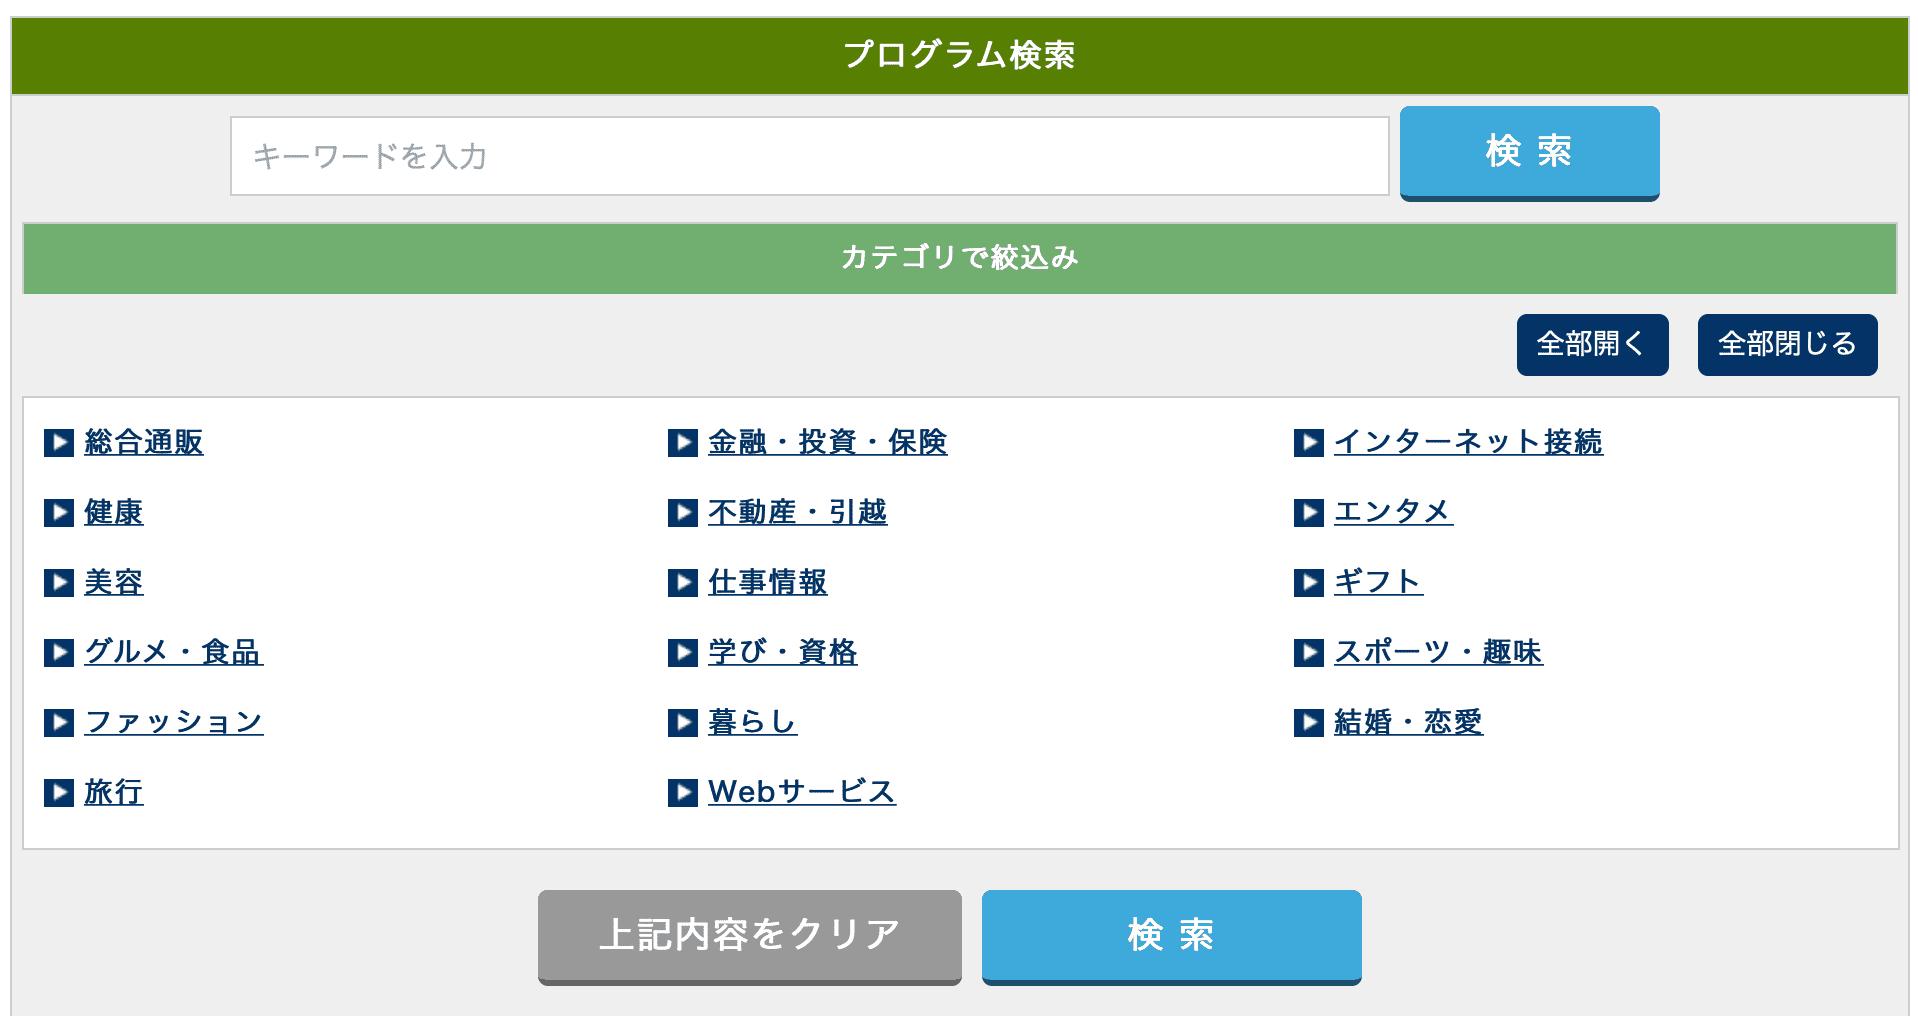 A8.net カテゴリー